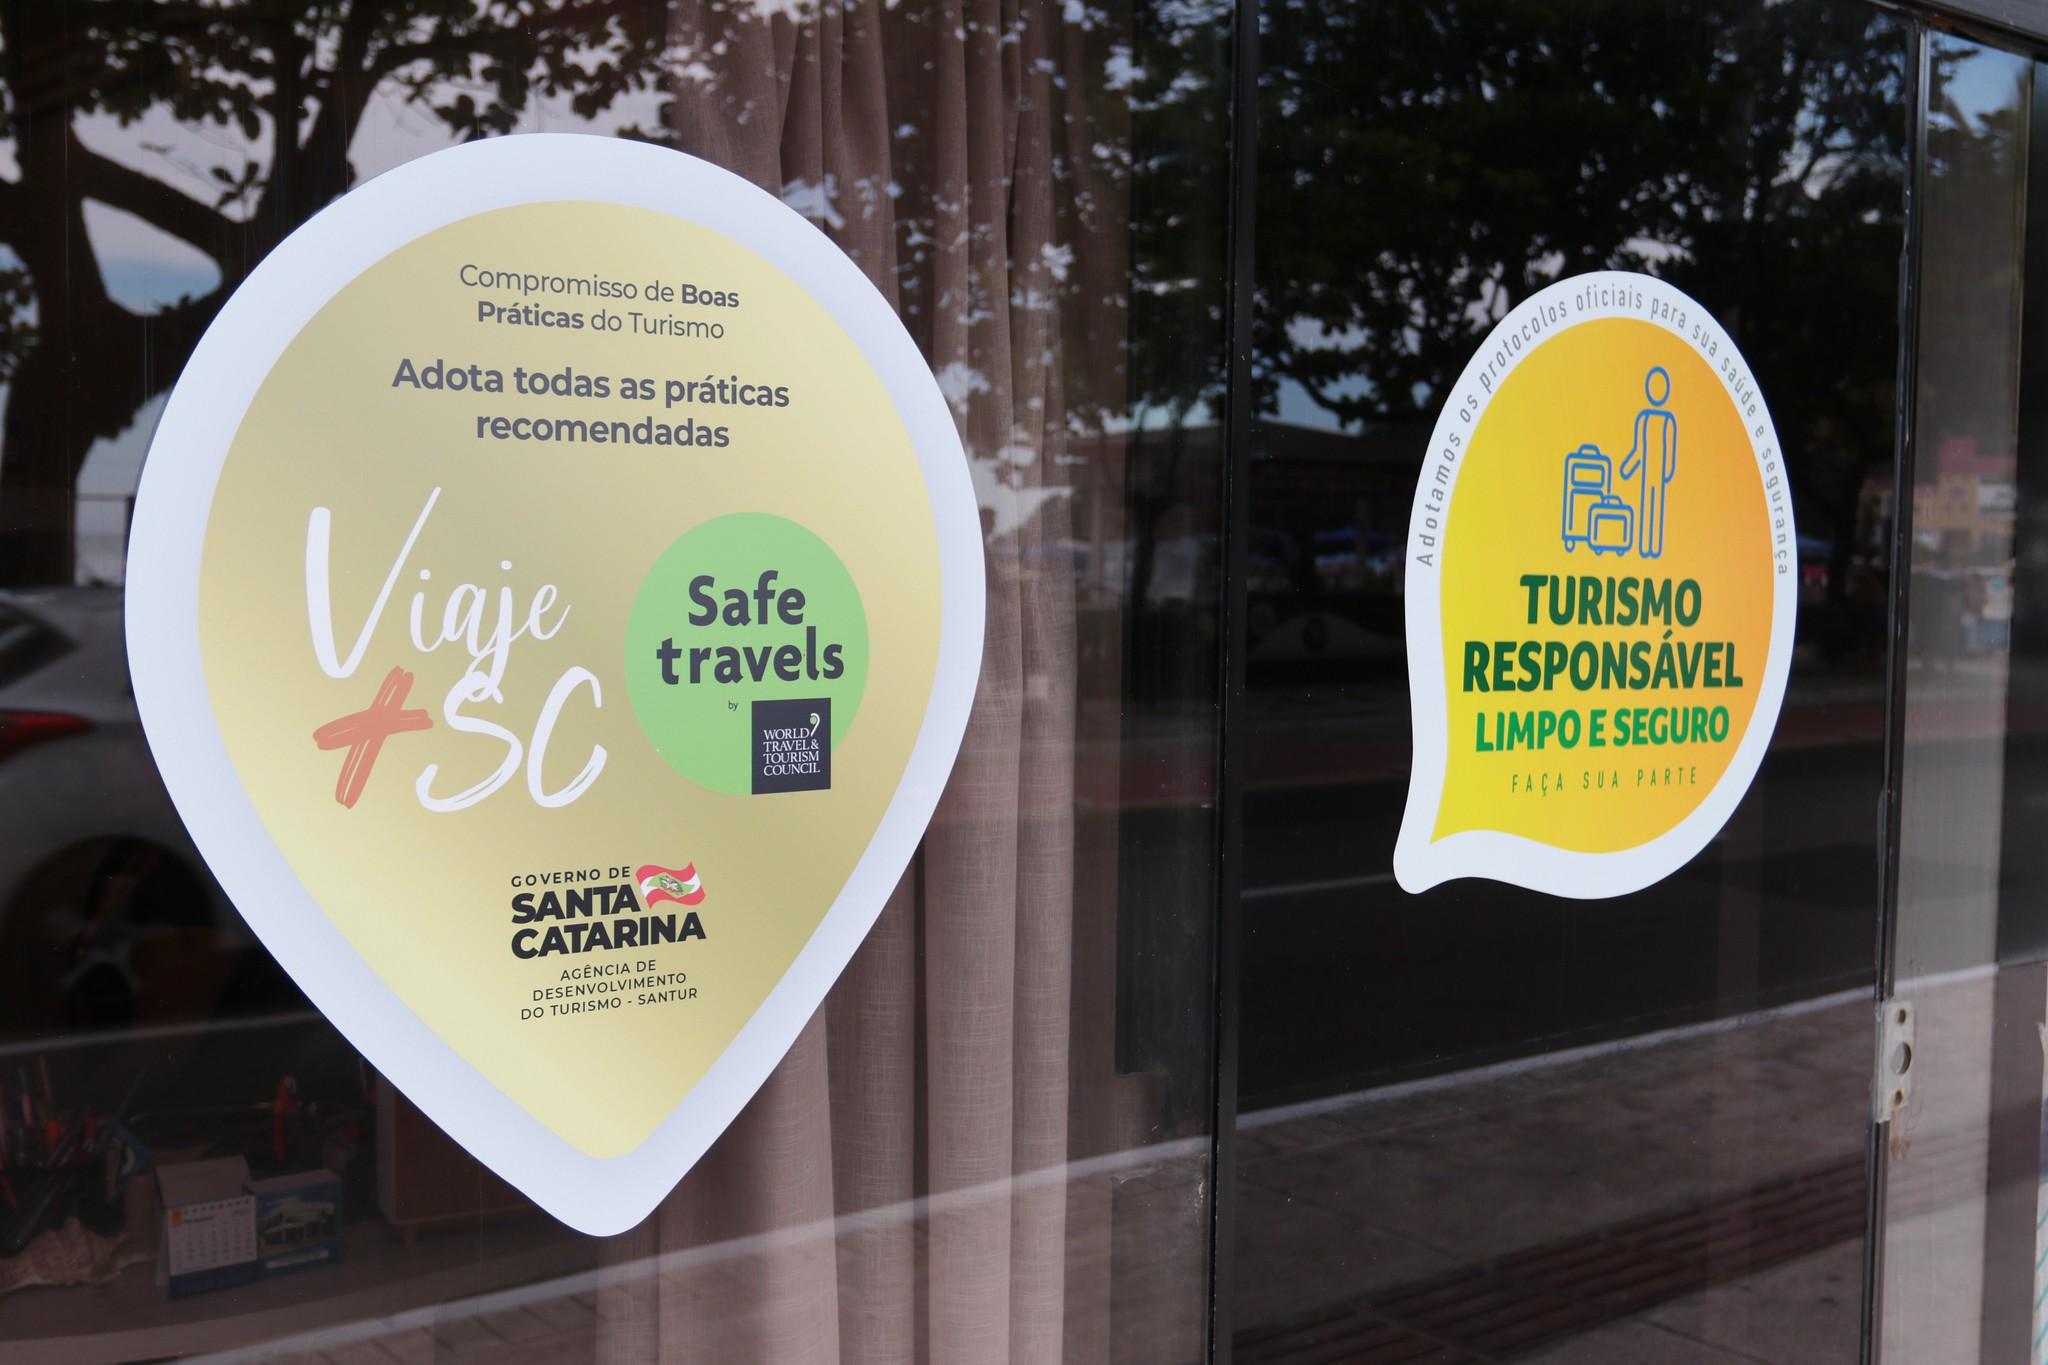 Viaje+Seguro: mais de 400 empreendimentos turísticos credenciados em Santa Catarina